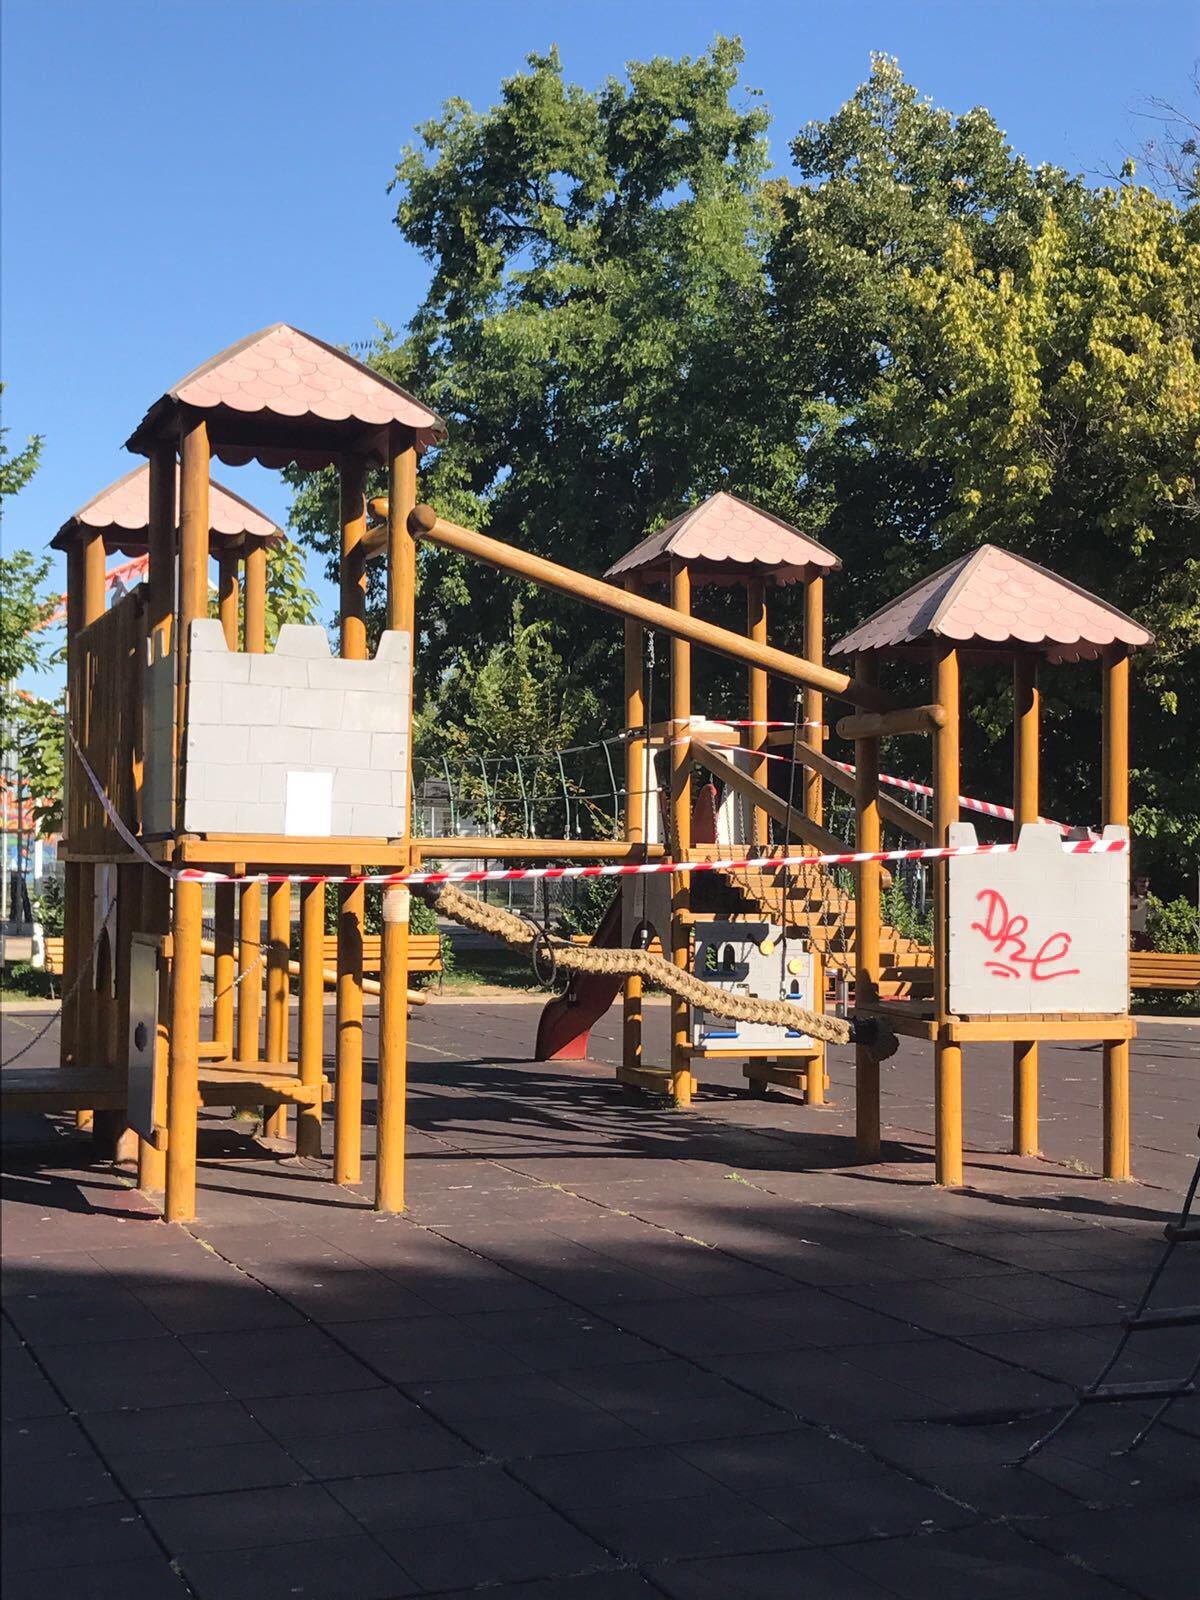 FOTO   Accident grav într-un parc din Capitală. Un copil şi-a fracturat coloana, după ce un echipament de la locul de joacă s-a rupt/ A fost deschis un dosar penal